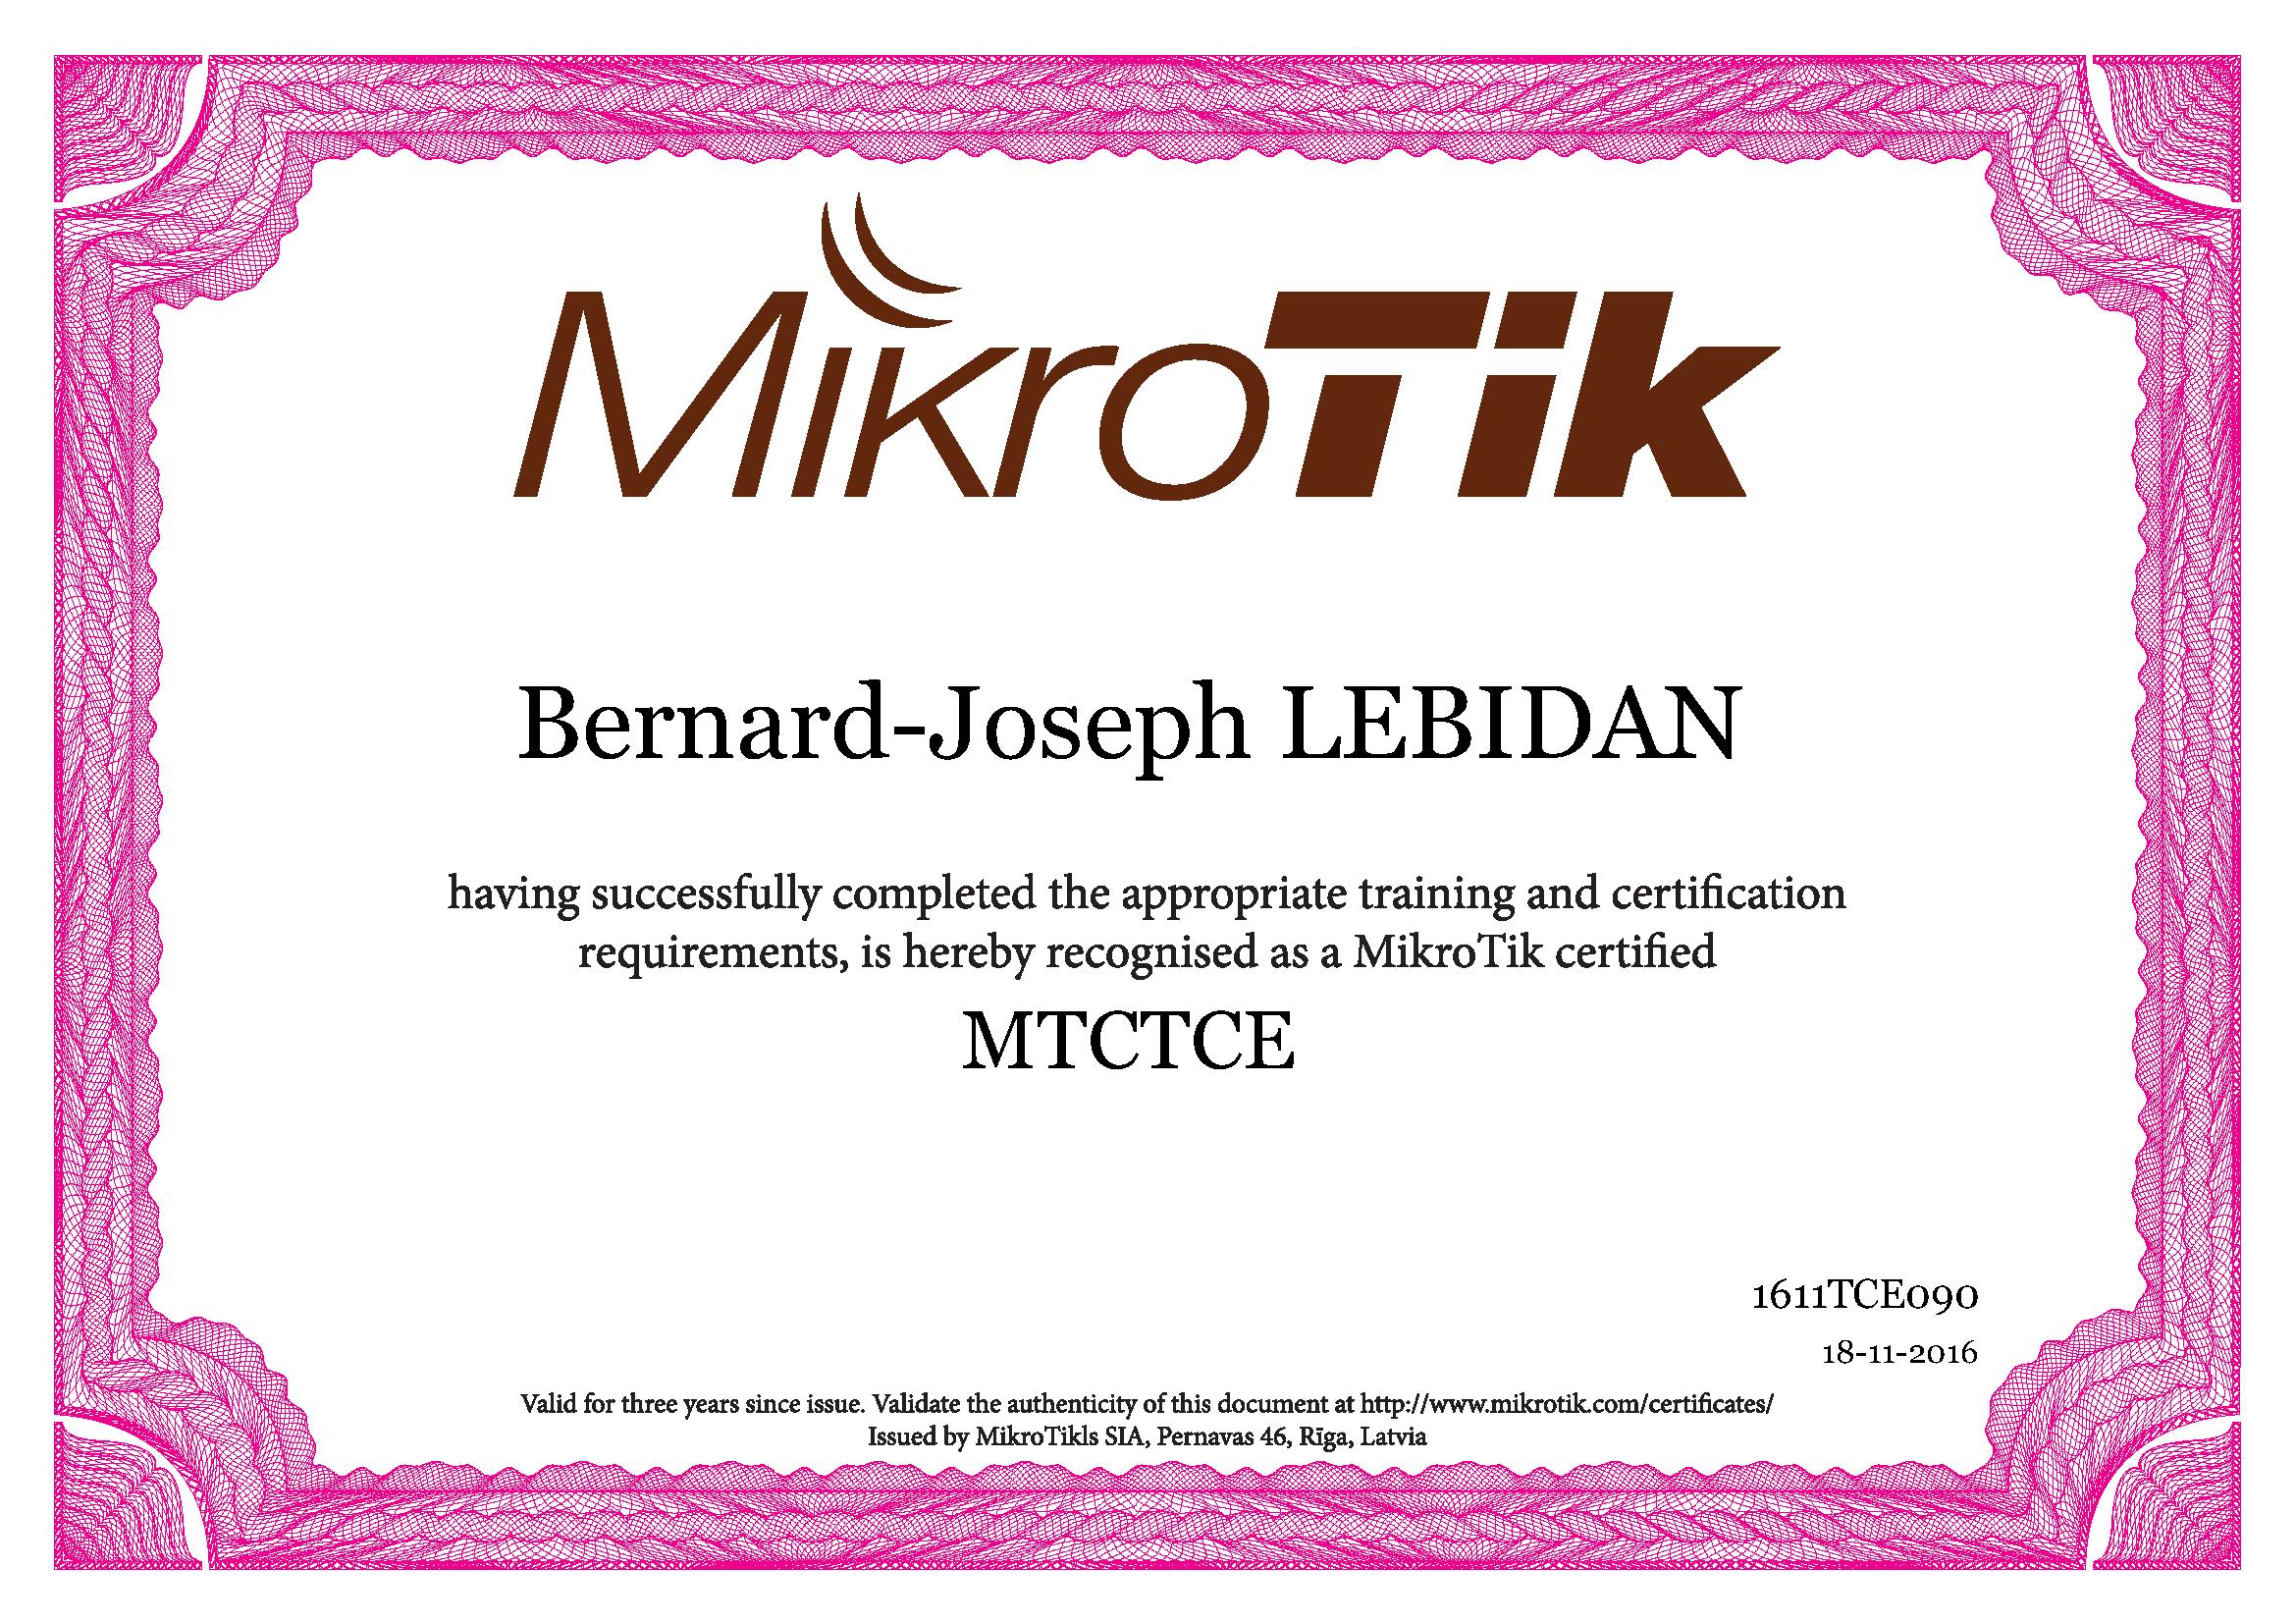 MTCTCE Certificat Bernard-Joseph LEBIDAN